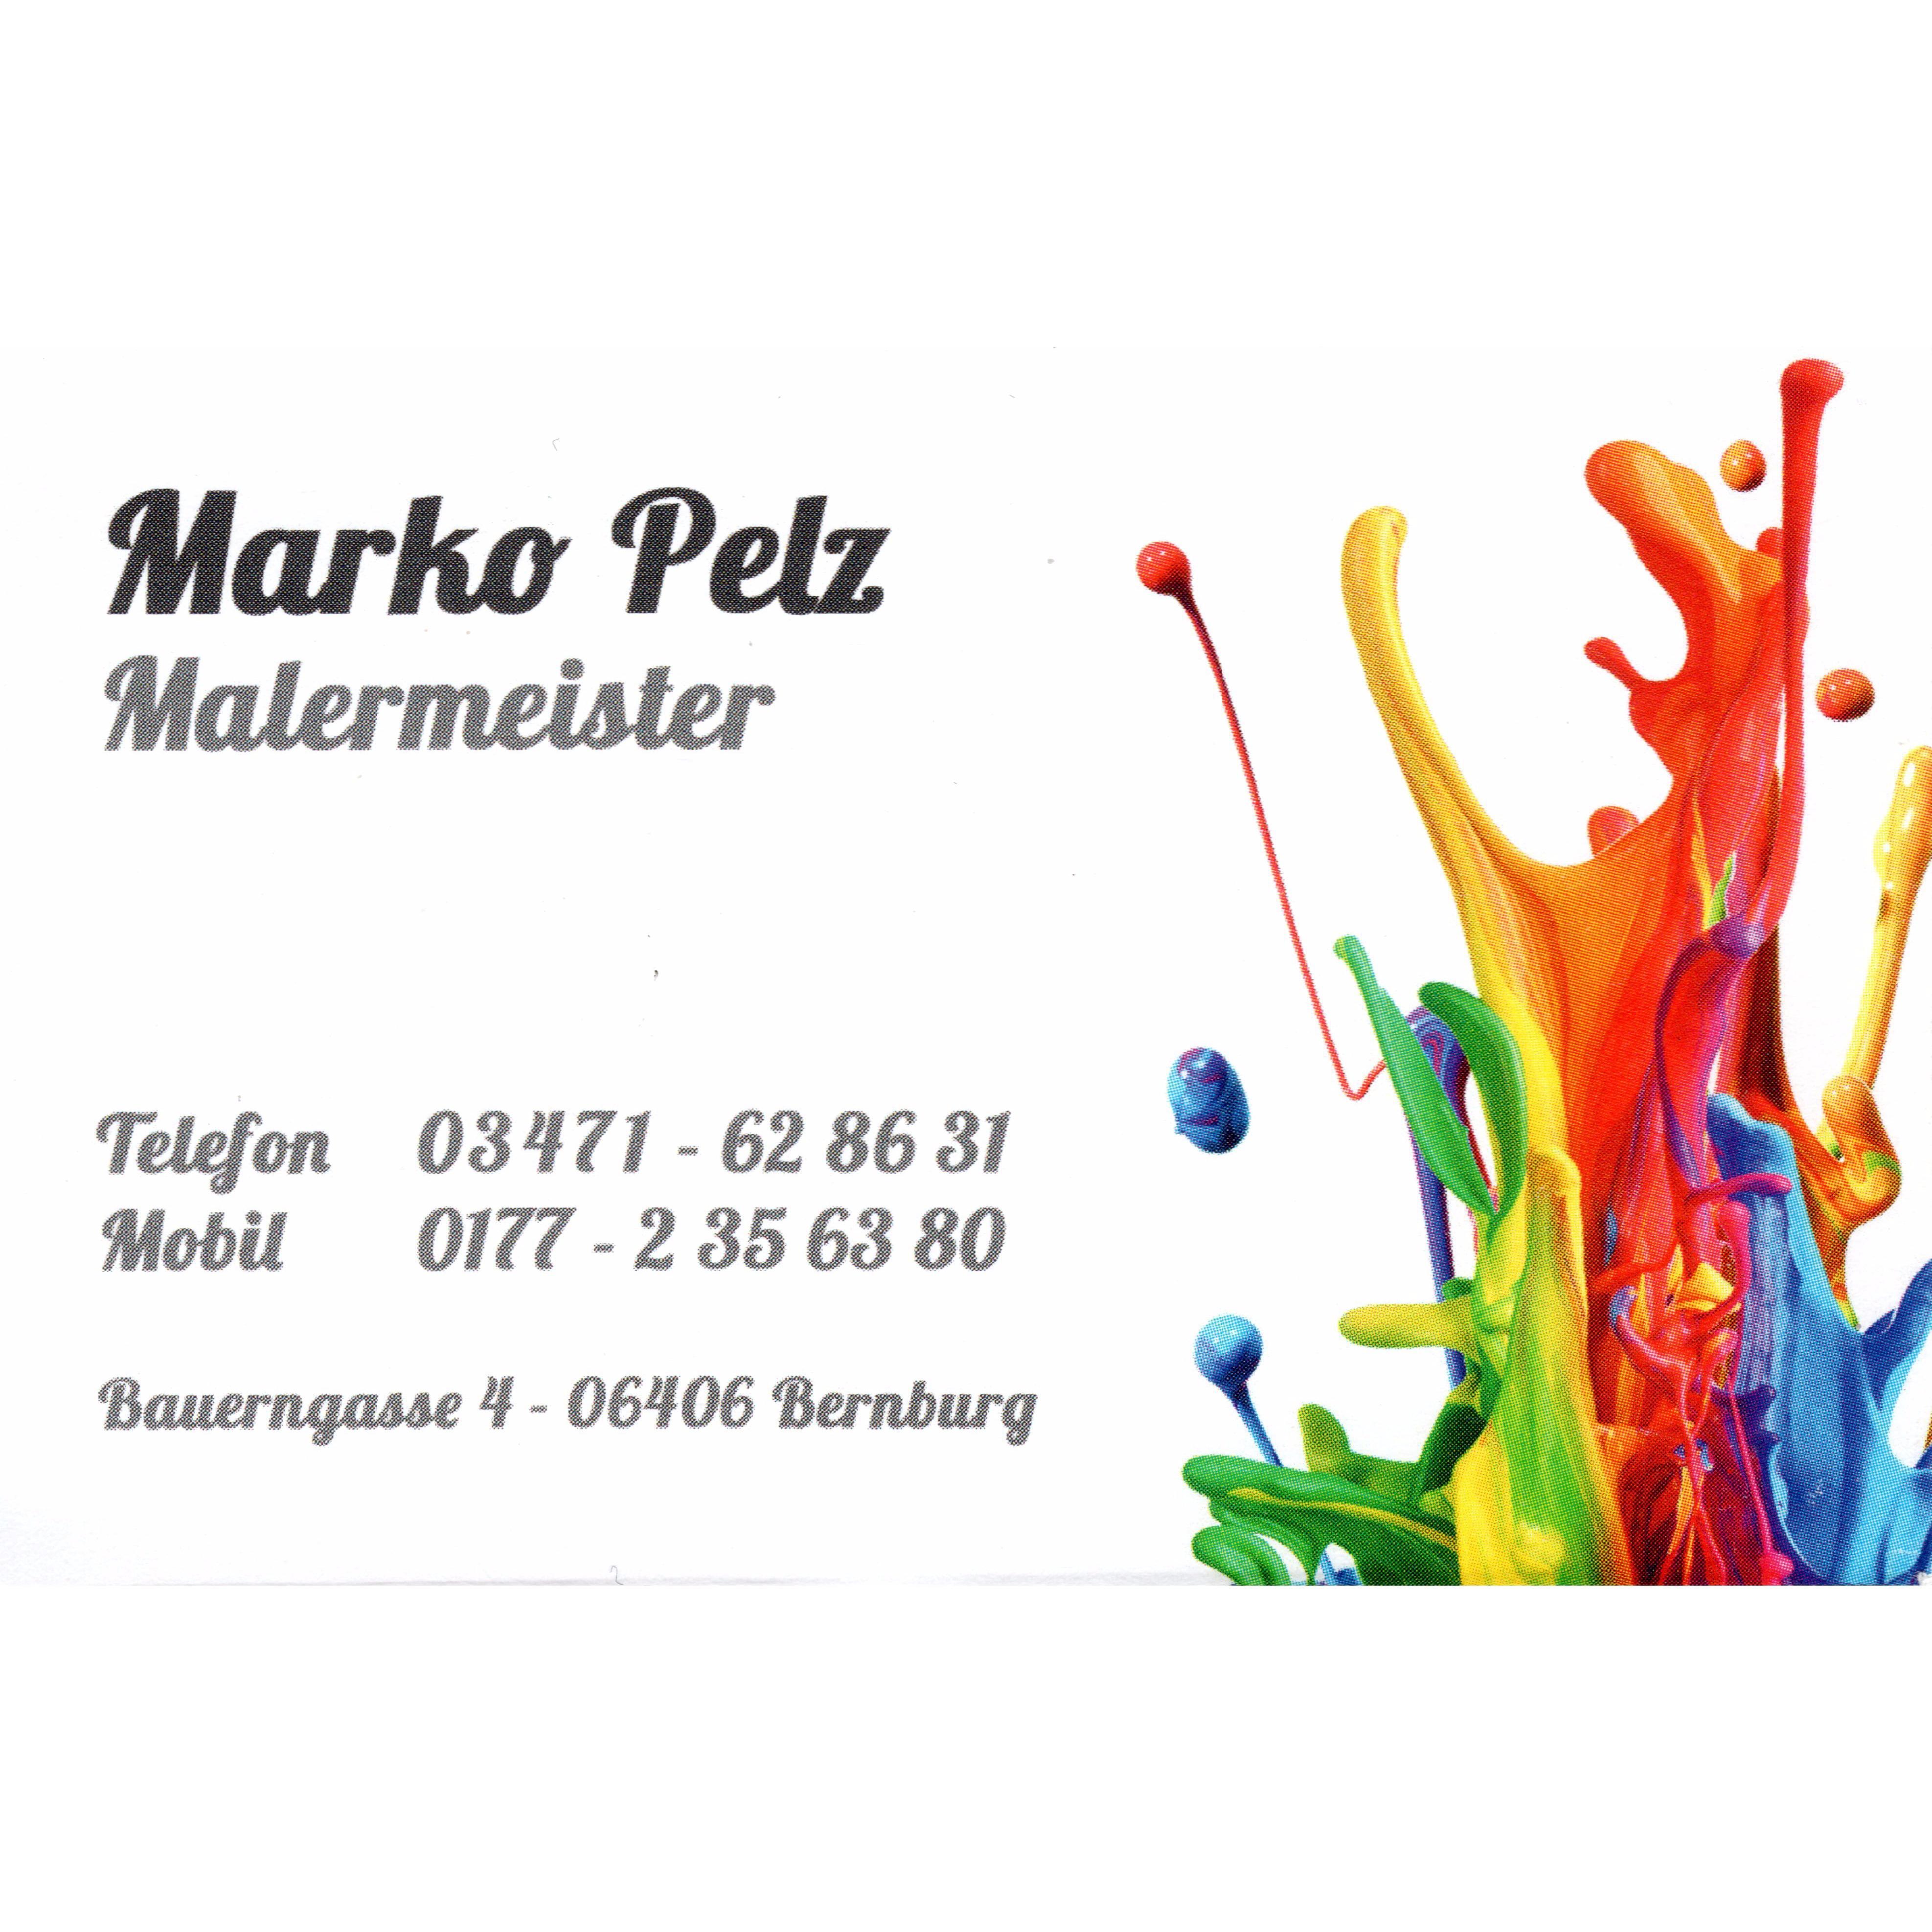 Bild zu Malermeister Marko Pelz in Bernburg an der Saale